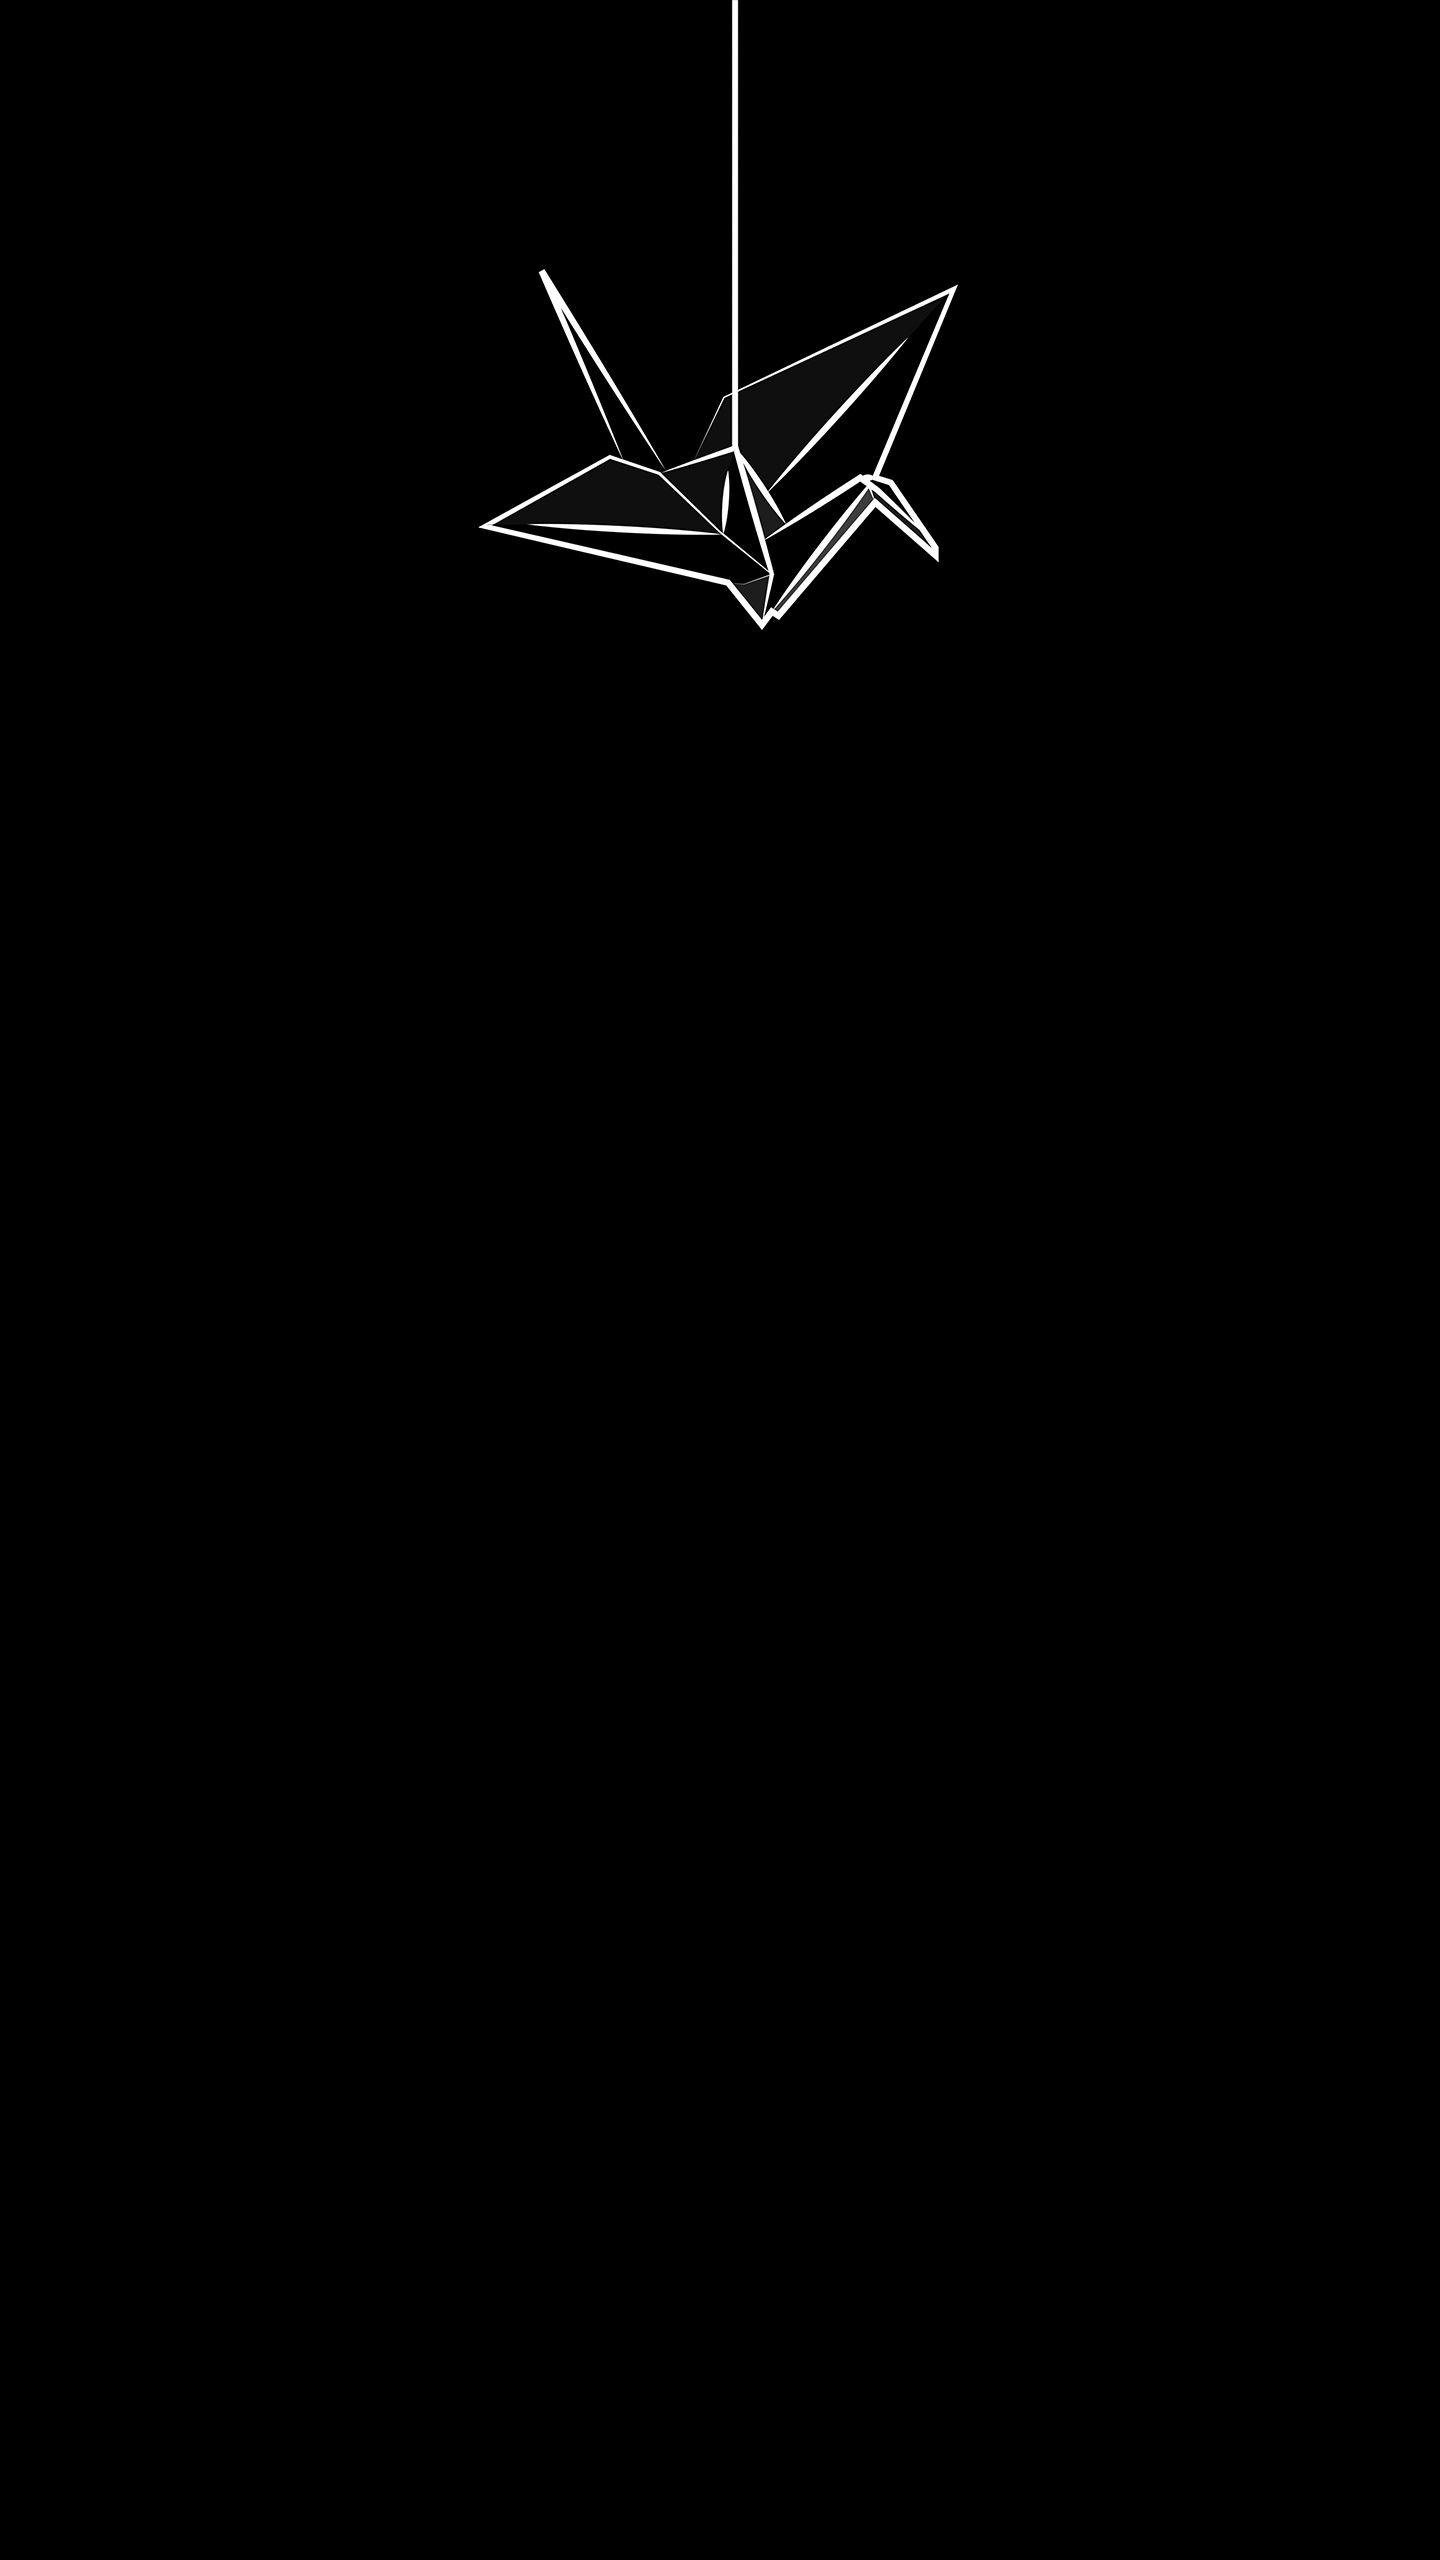 Iphone Wallpaper Black 312 En 2020 Fond D Ecran Telephone Fond D Ecran Minimaliste Fond Ecran